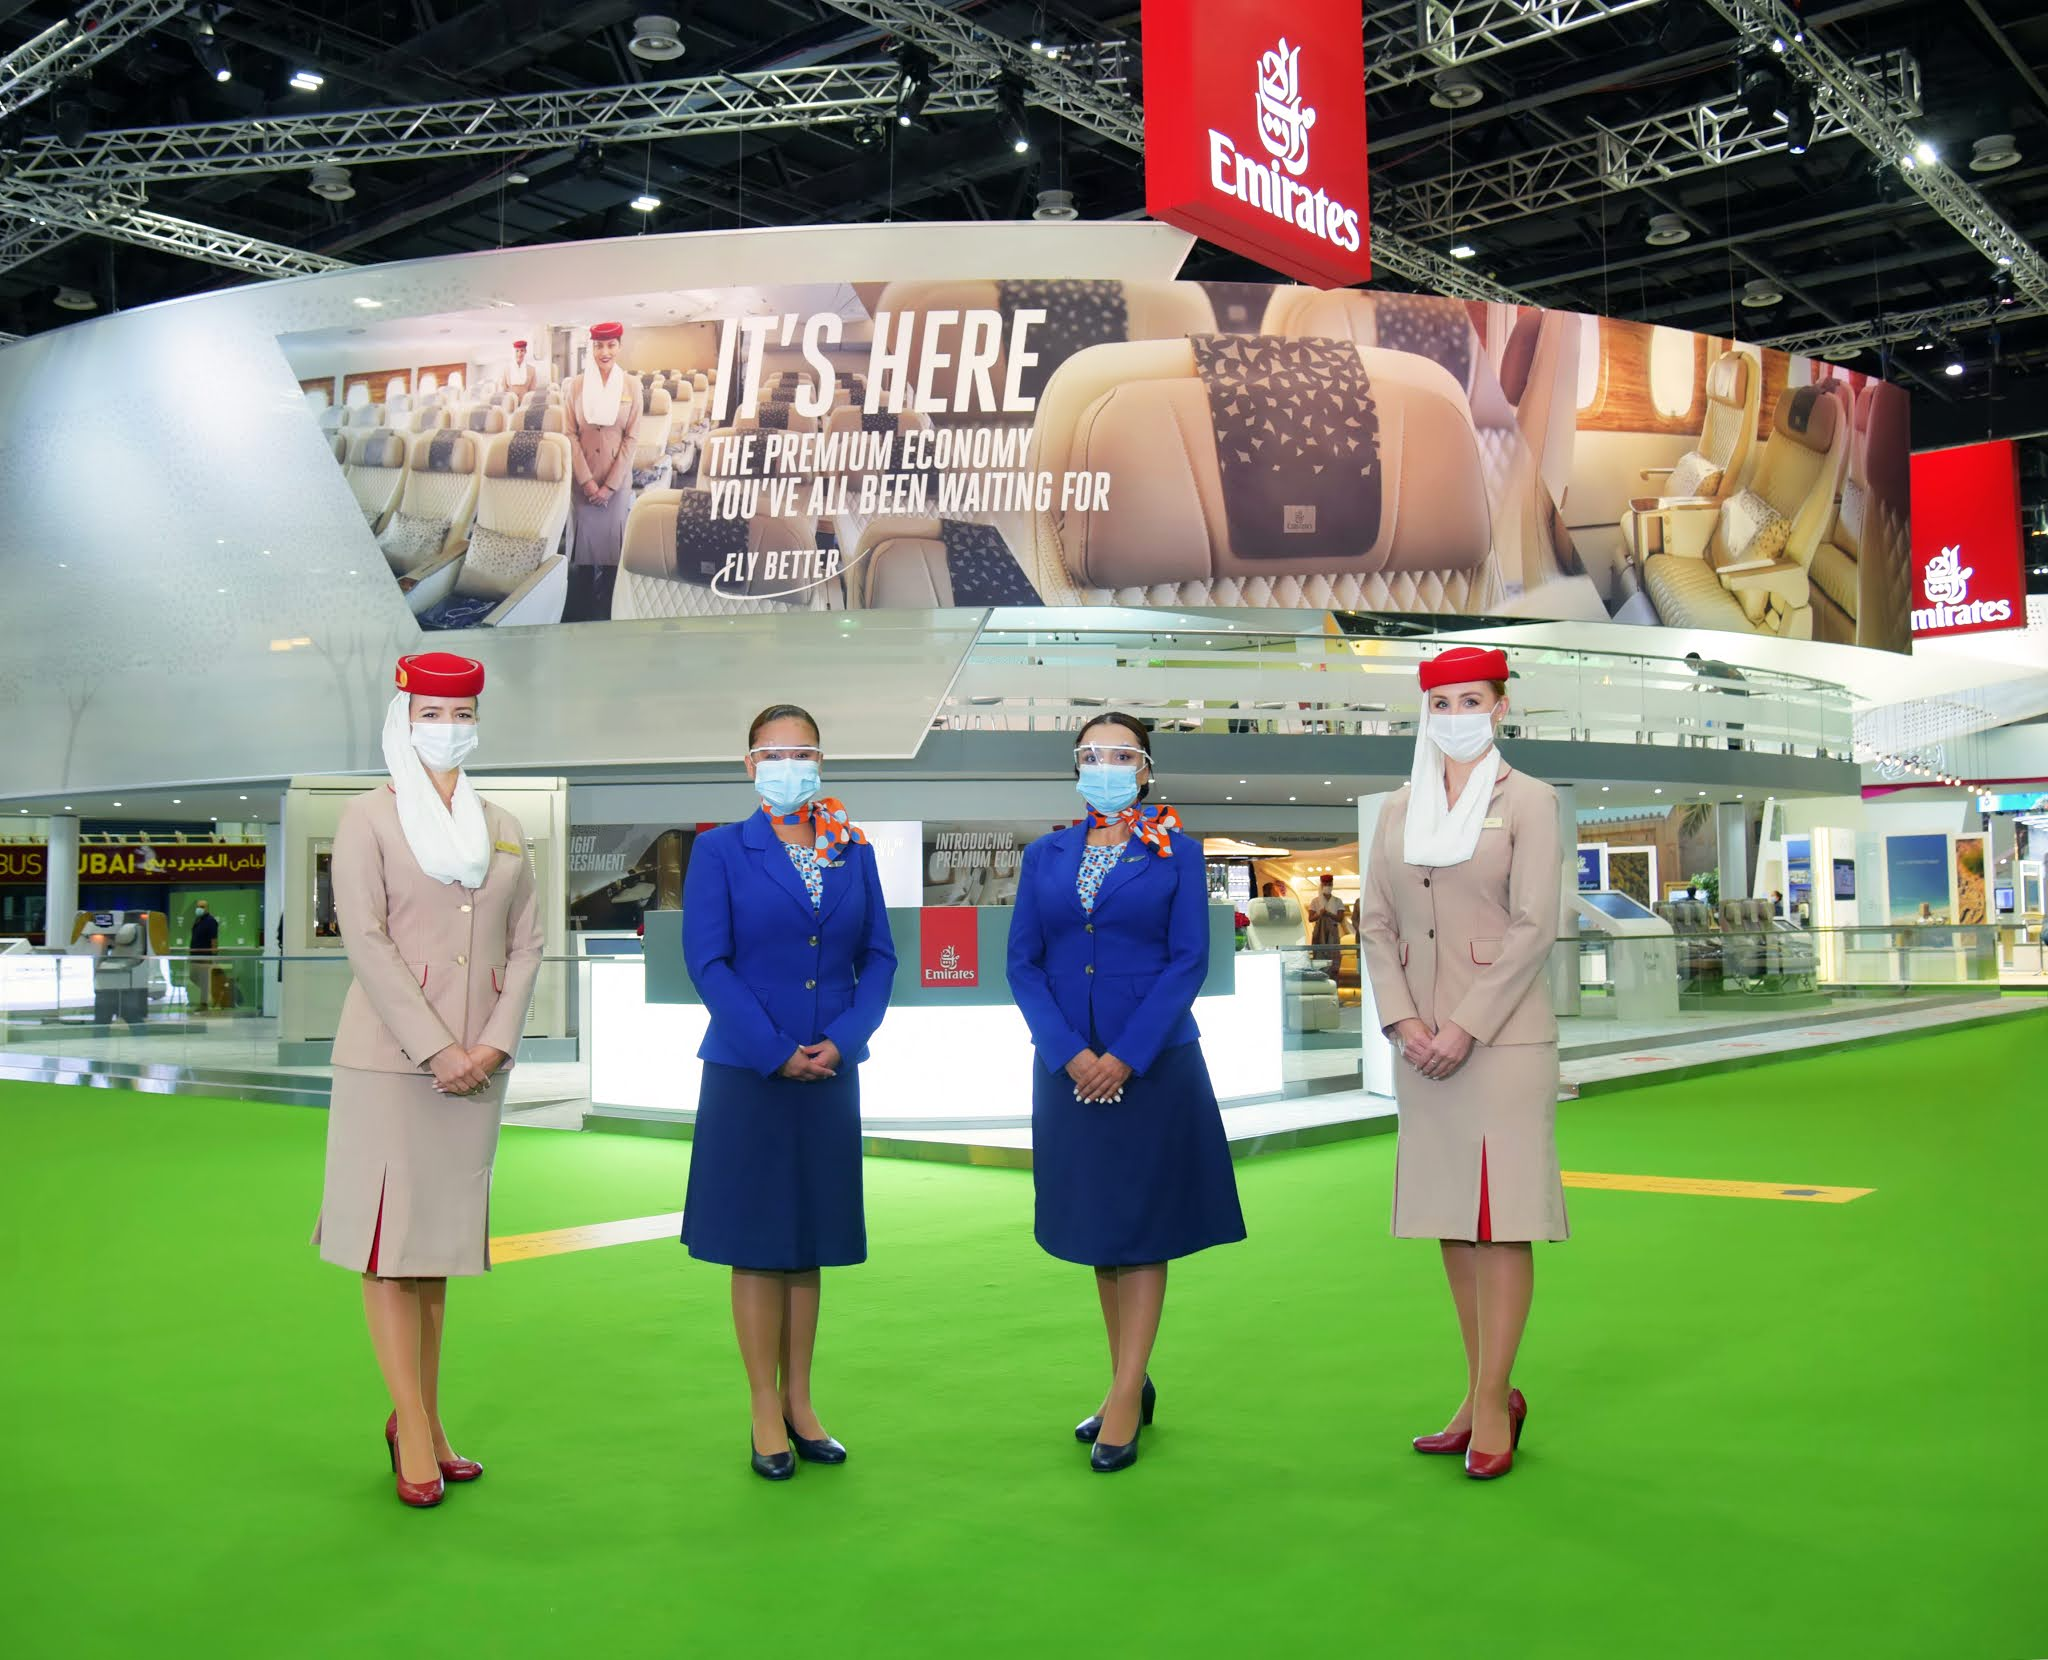 طيران الإمارات وفلاي دبي توفران مزيداً من الخيارات للمسافرين عبر دبي